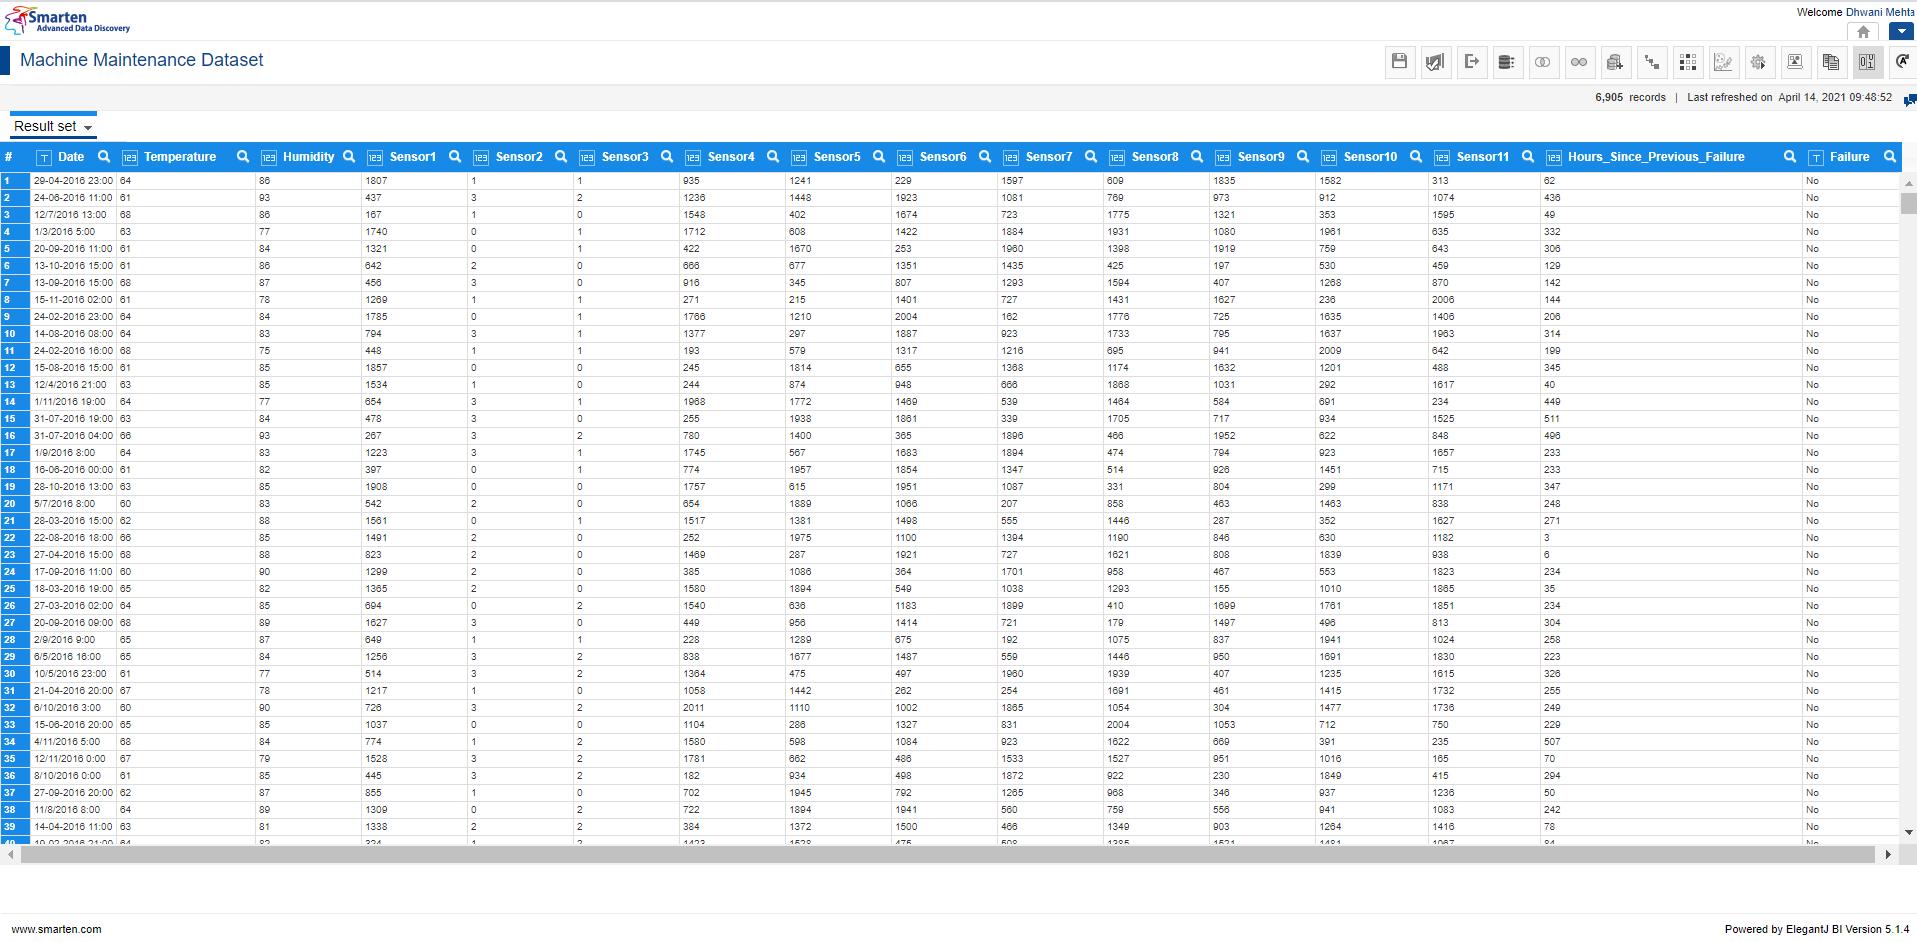 machine-maintenance-dataset-view